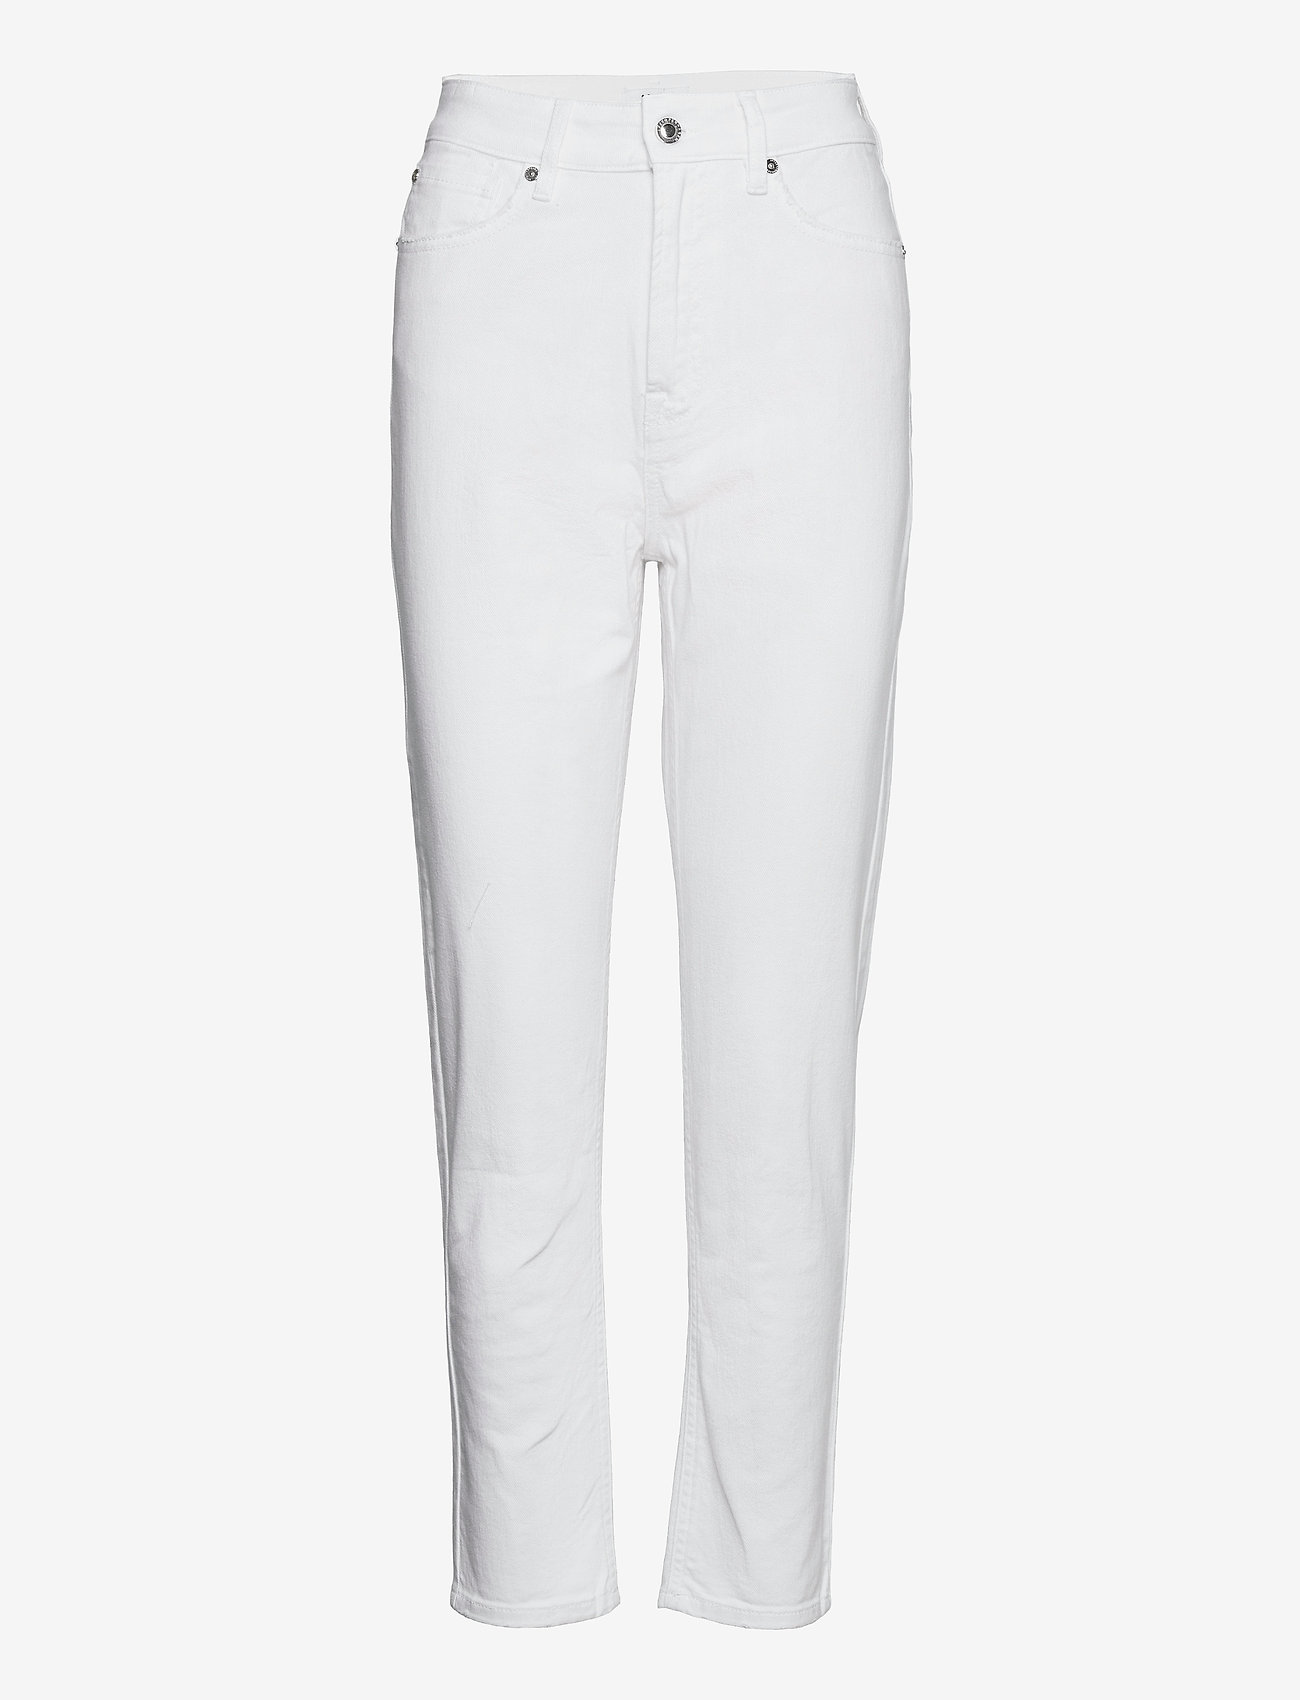 IVY Copenhagen - Angie MOM jeans white - slim fit bukser - white - 0